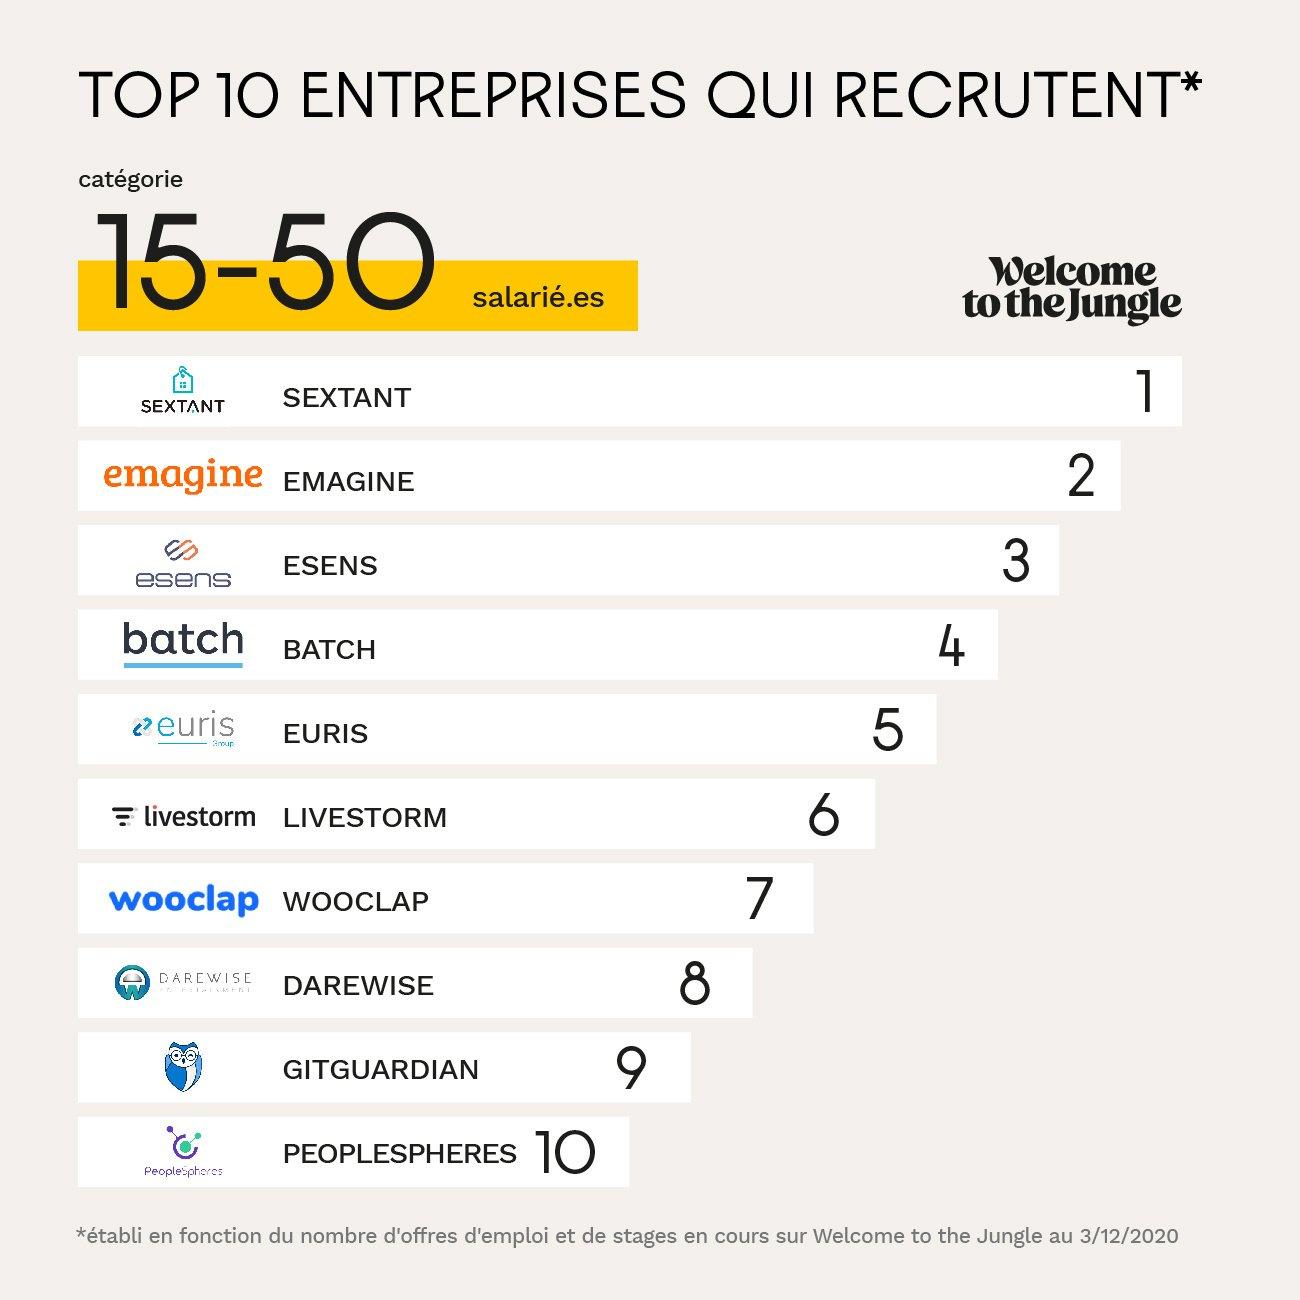 Entreprises entre 15 et 50 employés qui recrutent le plus